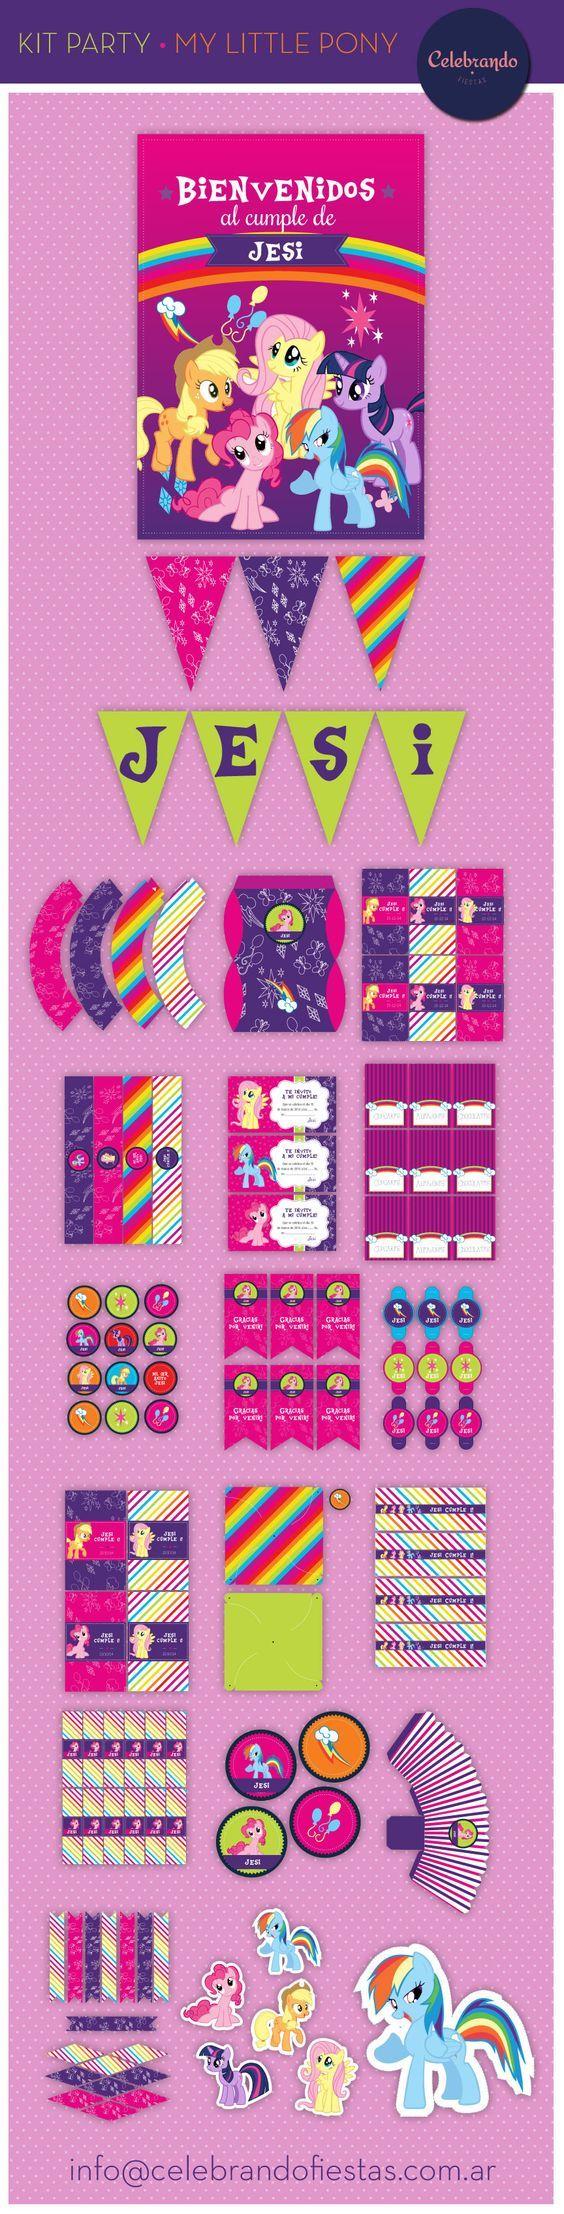 Kit imprimible Mi pequeño Pony (My little Pony) - Celebrando Fiestas